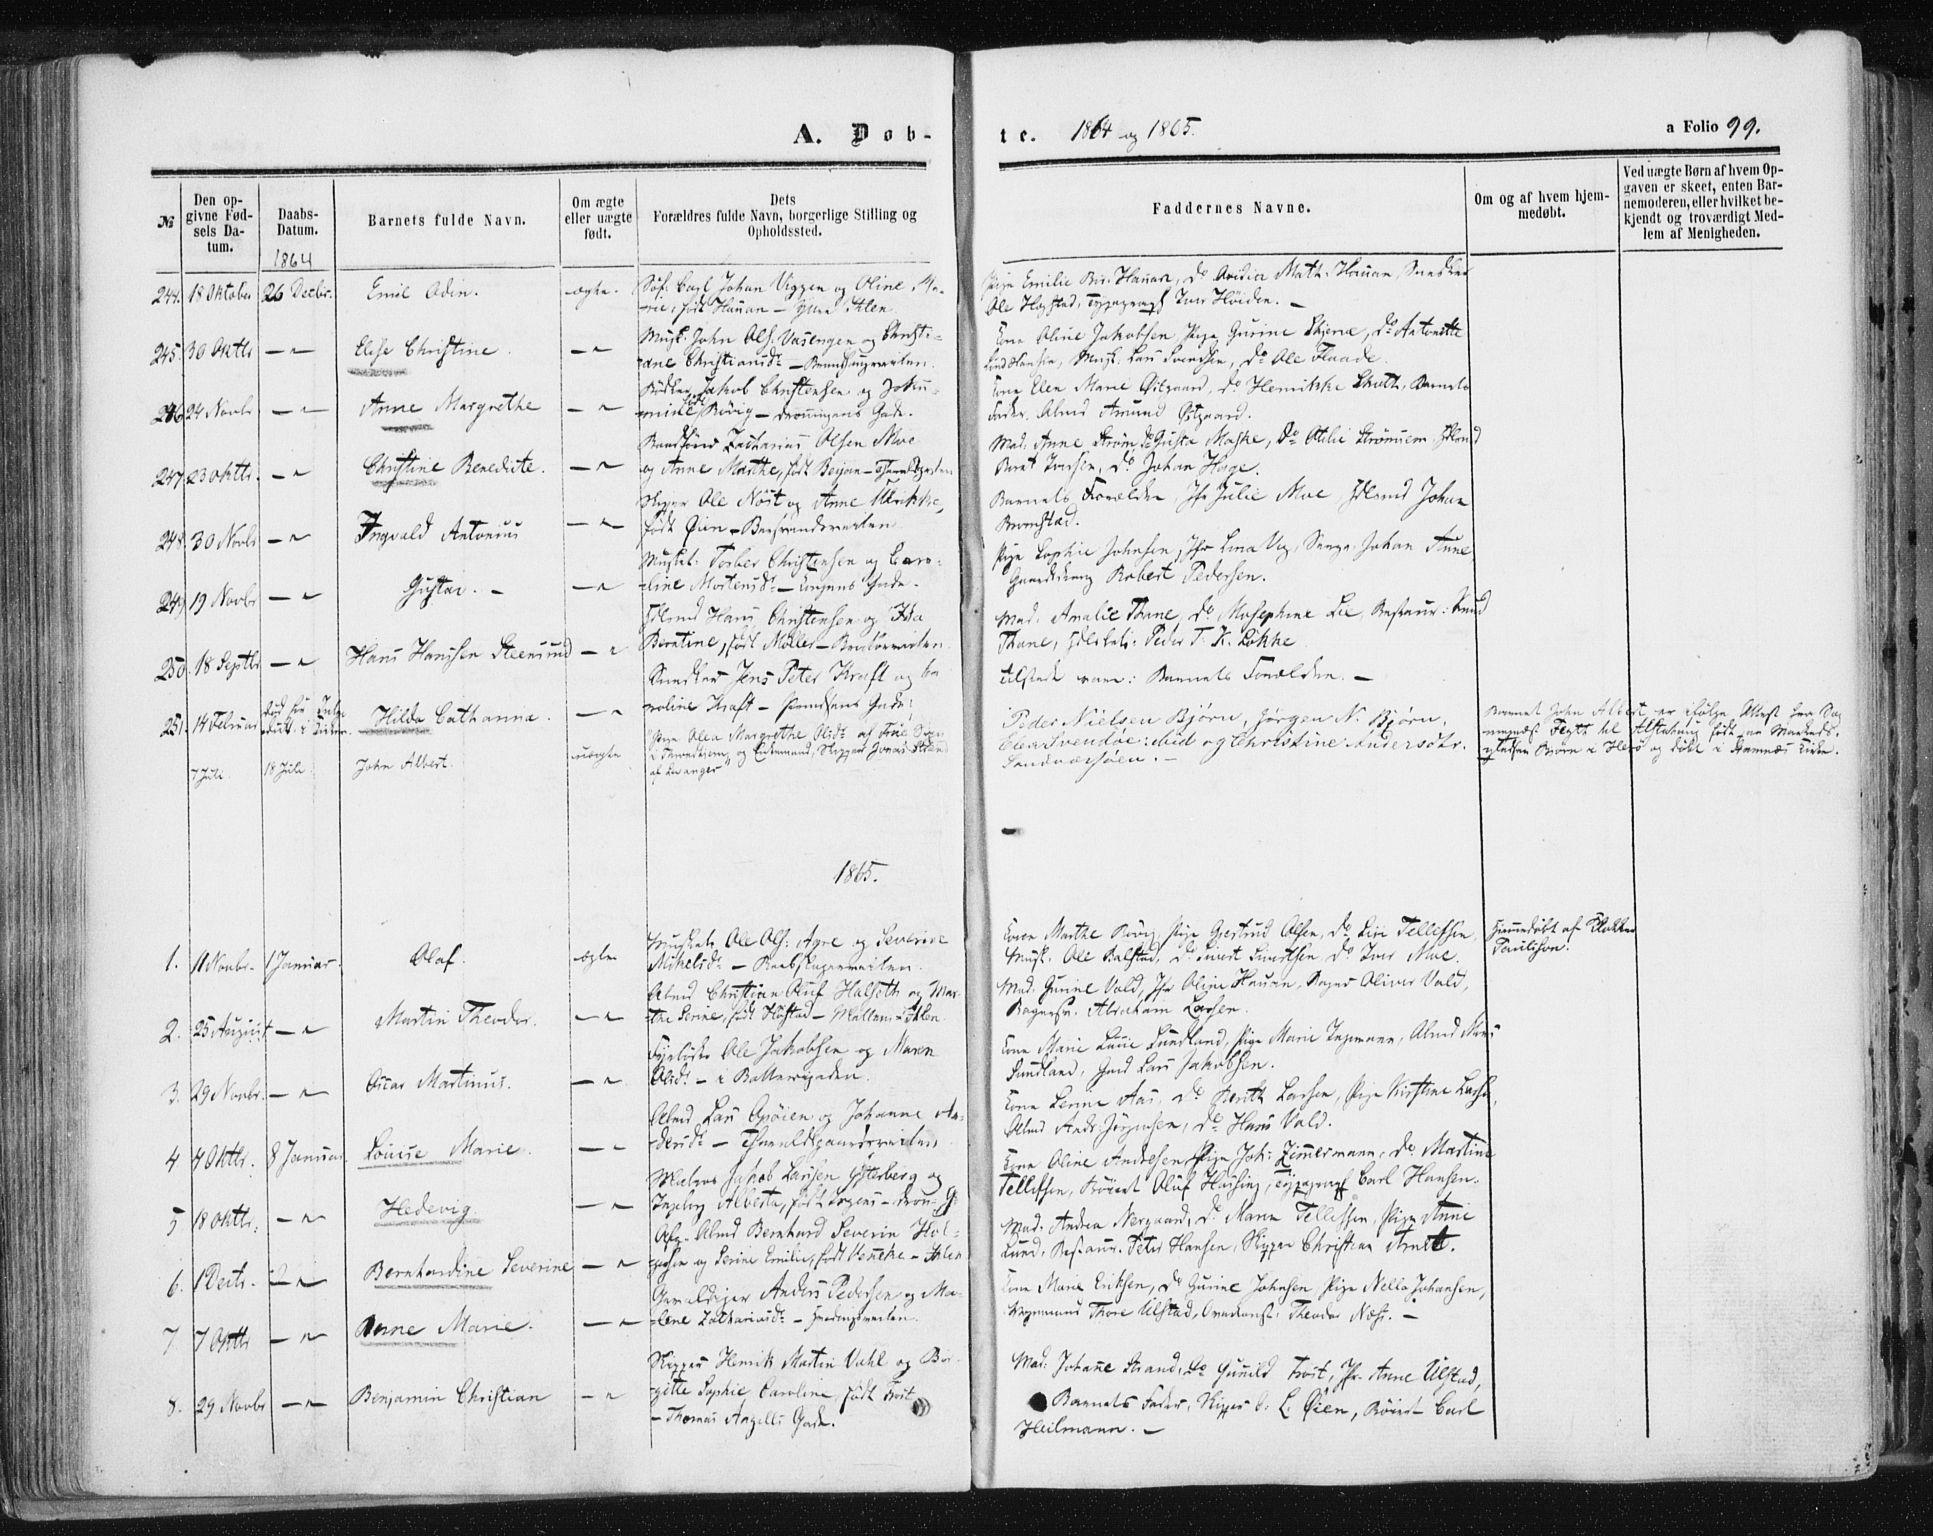 SAT, Ministerialprotokoller, klokkerbøker og fødselsregistre - Sør-Trøndelag, 602/L0115: Ministerialbok nr. 602A13, 1860-1872, s. 99